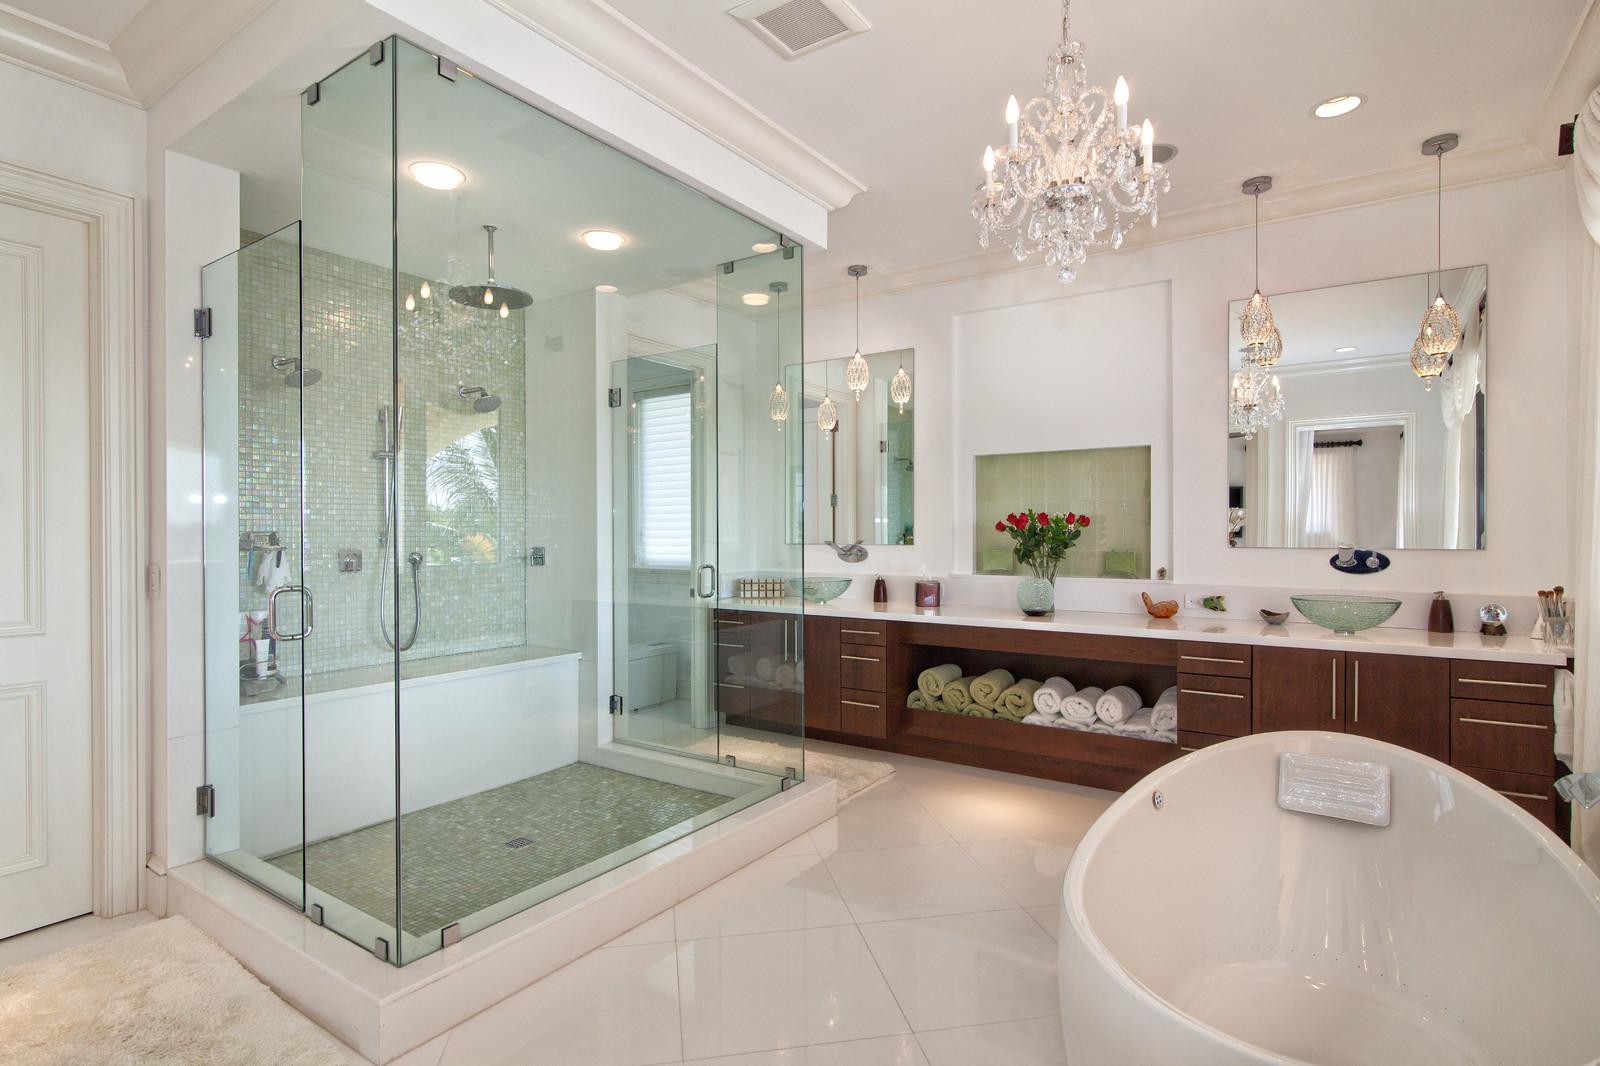 Просторная ванная позволяет воплотить в жизнь самые оригинальные идеи оформления